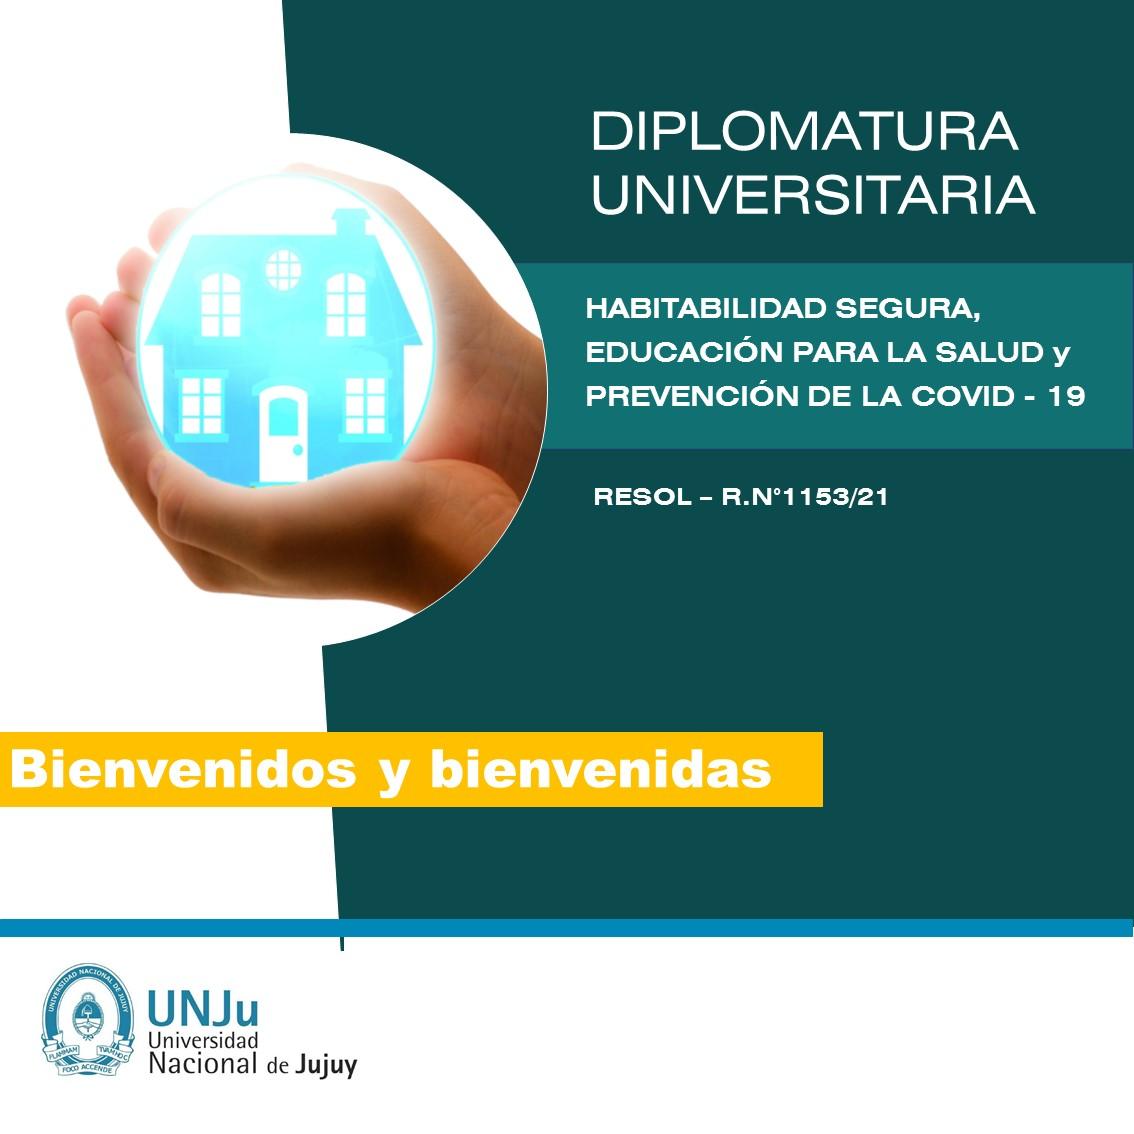 Bienvenidos/as a la Diplomatura en Hbaitabilidad Segura, Educación para la Salud, y prevención de la Covid-19